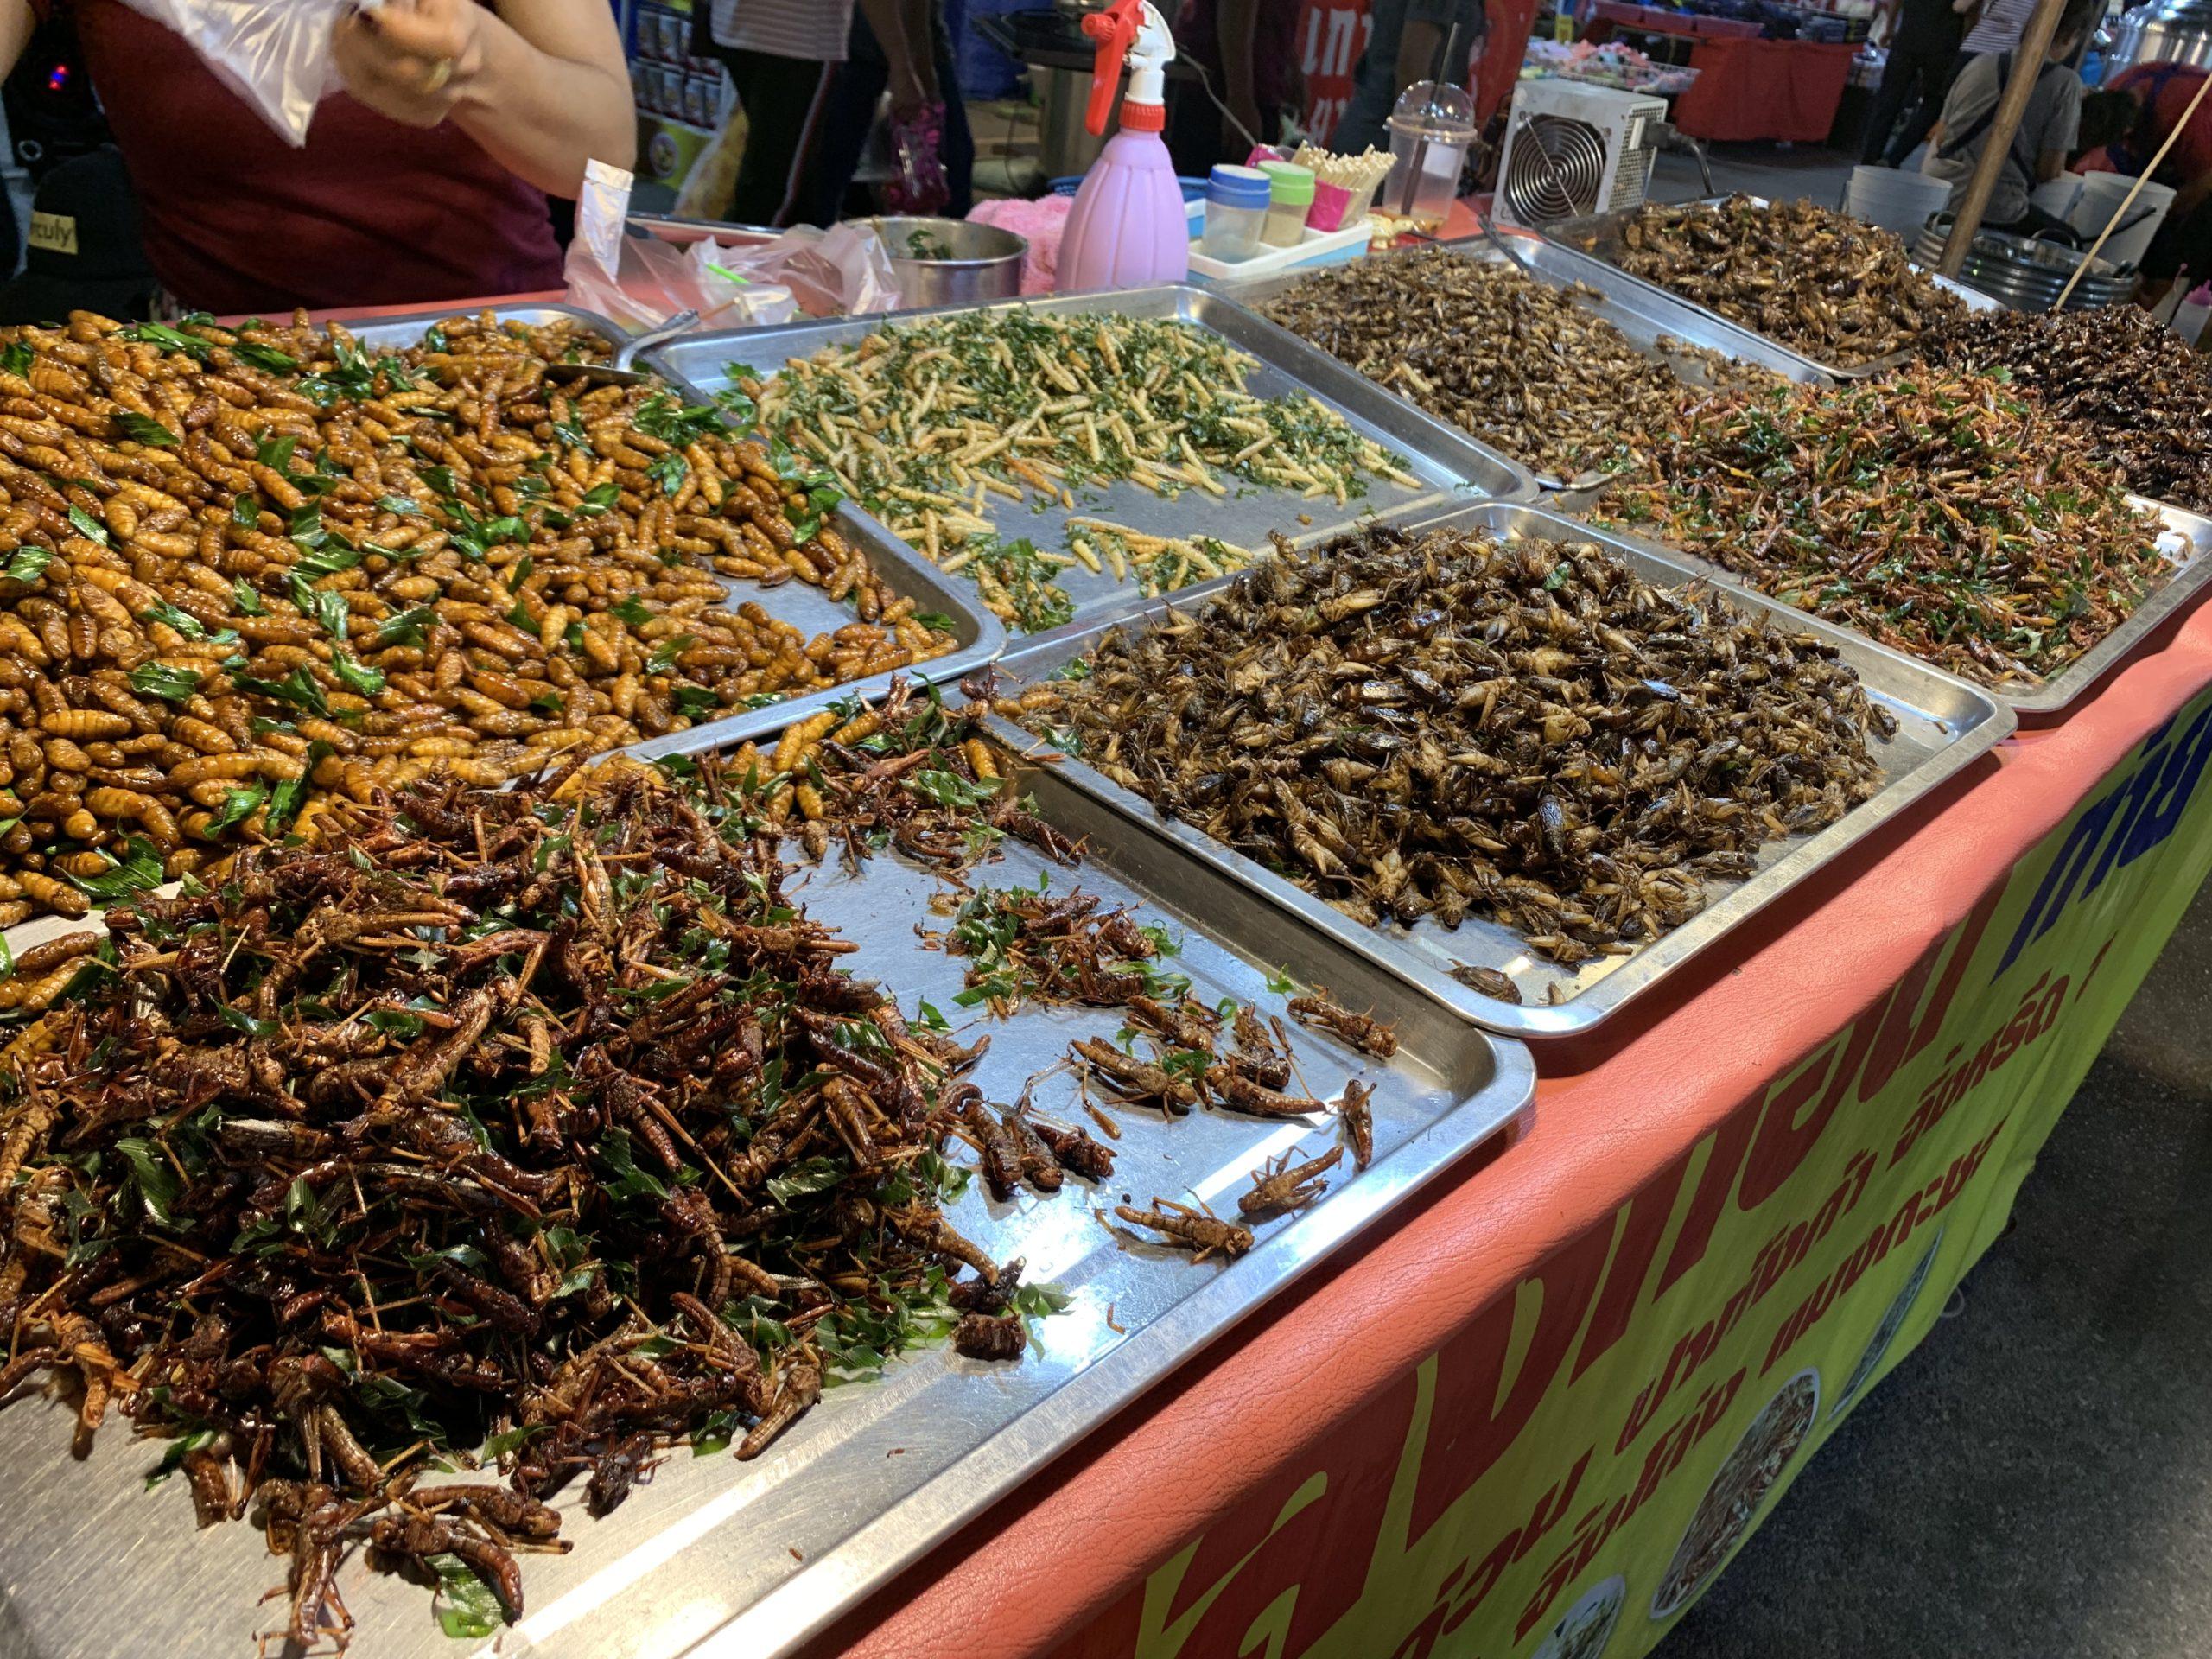 タイで昆虫食と出会った話